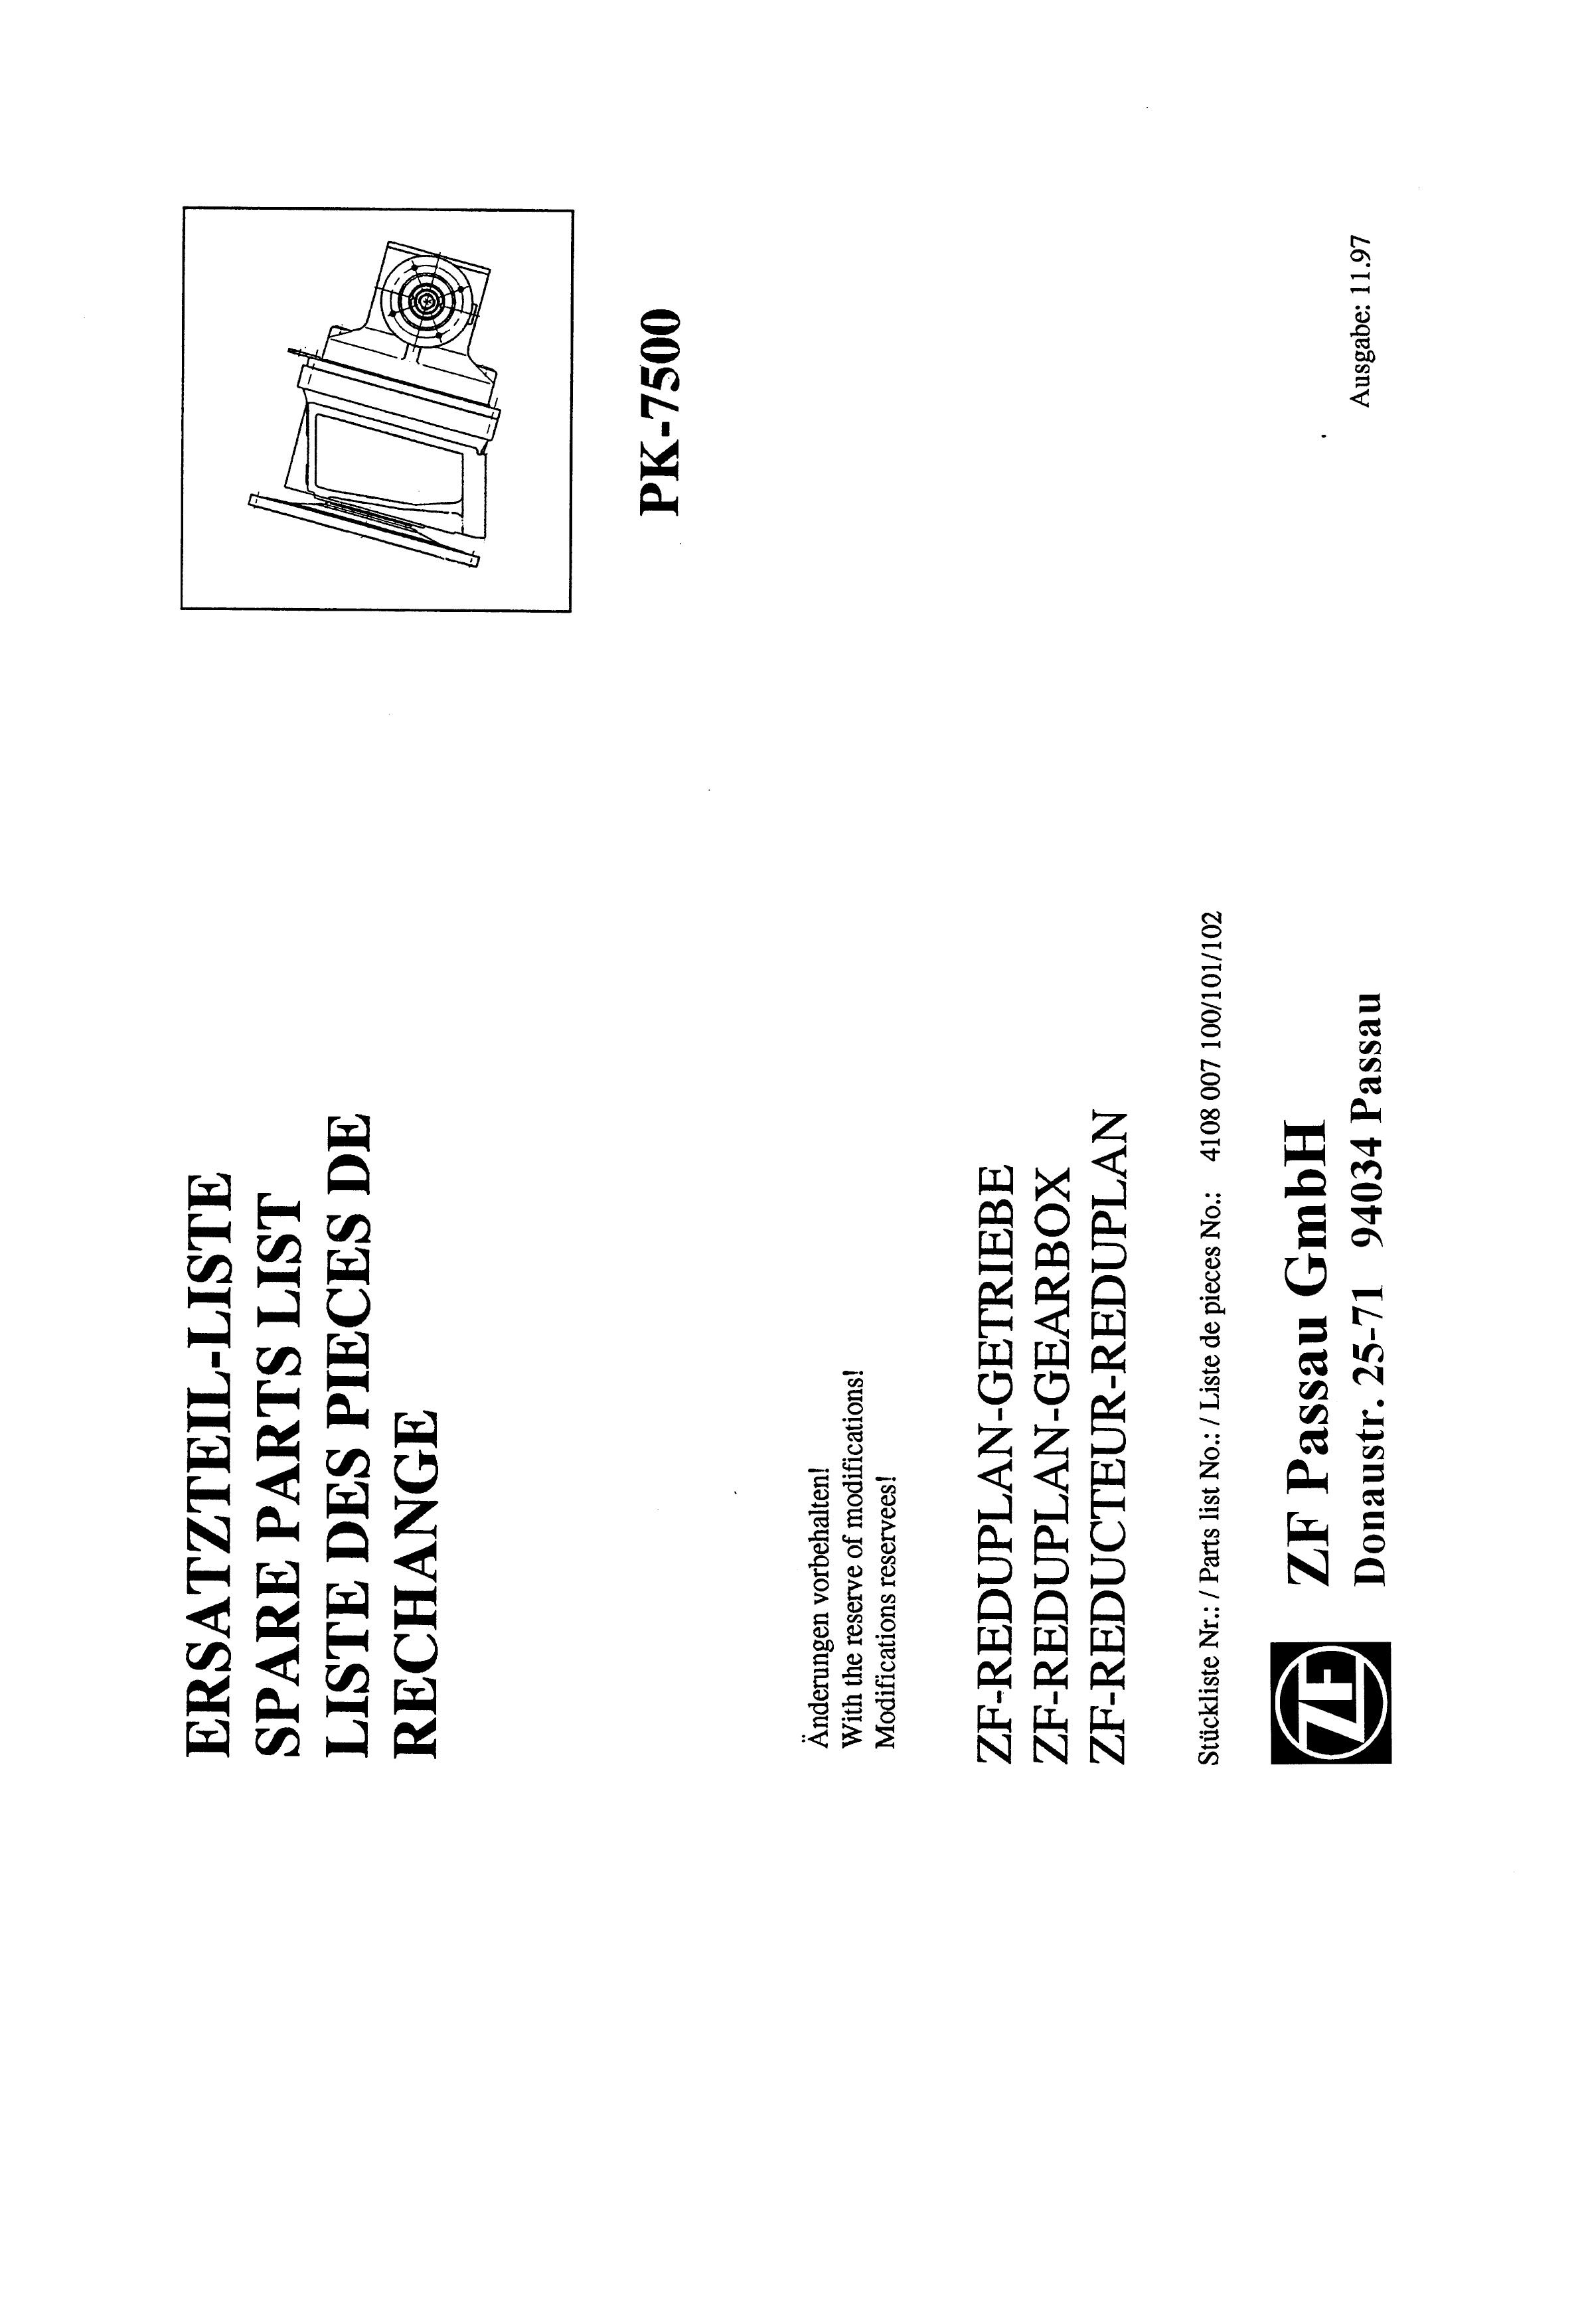 pk7500-parts-manual.jpg